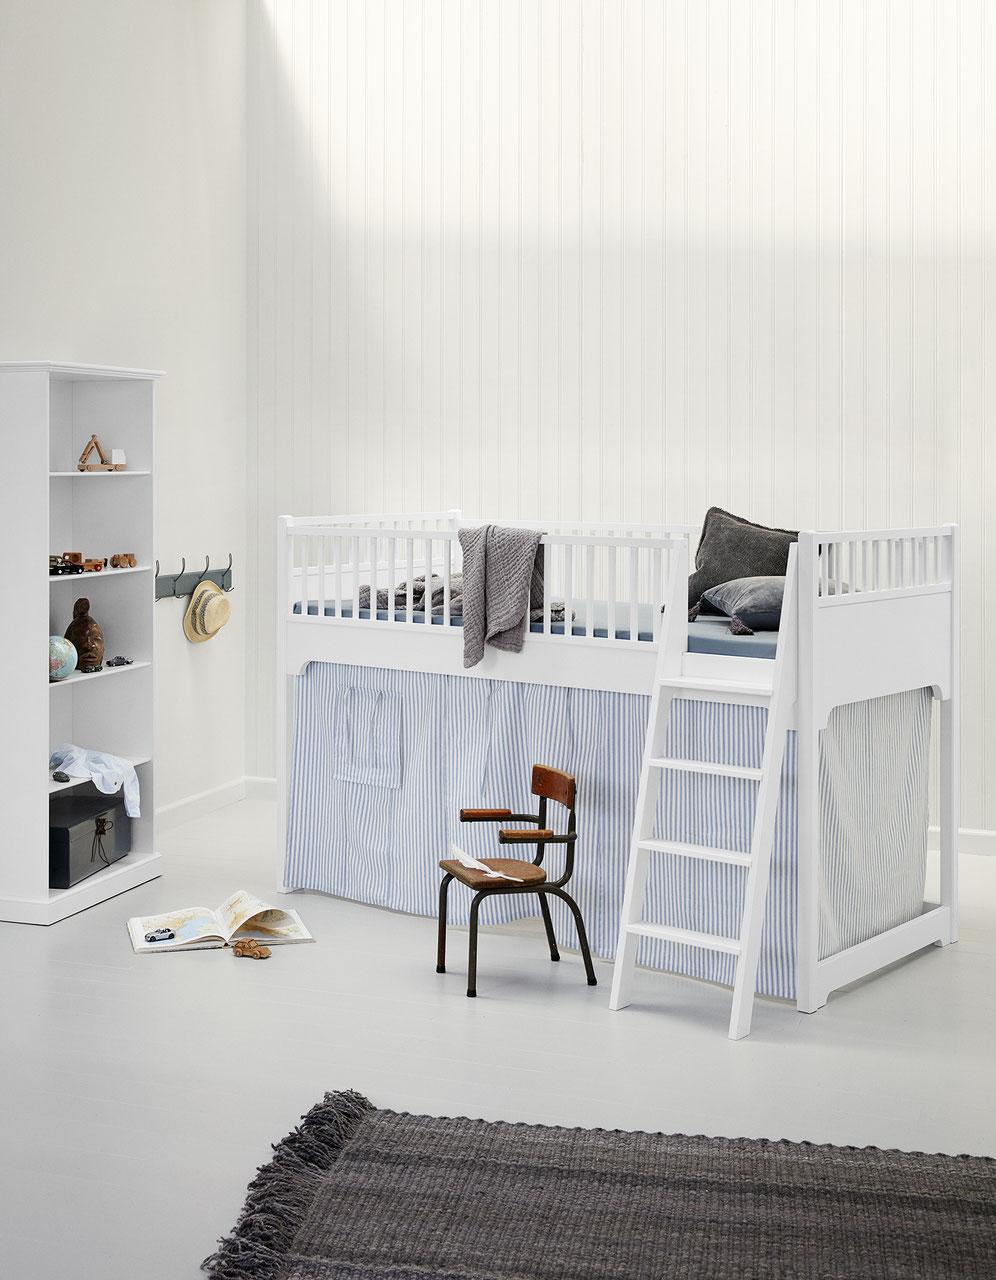 Full Size of Halbhohes Hochbett Oliver Furniture Seaside 90200 Cm Kind Bett Wohnzimmer Halbhohes Hochbett